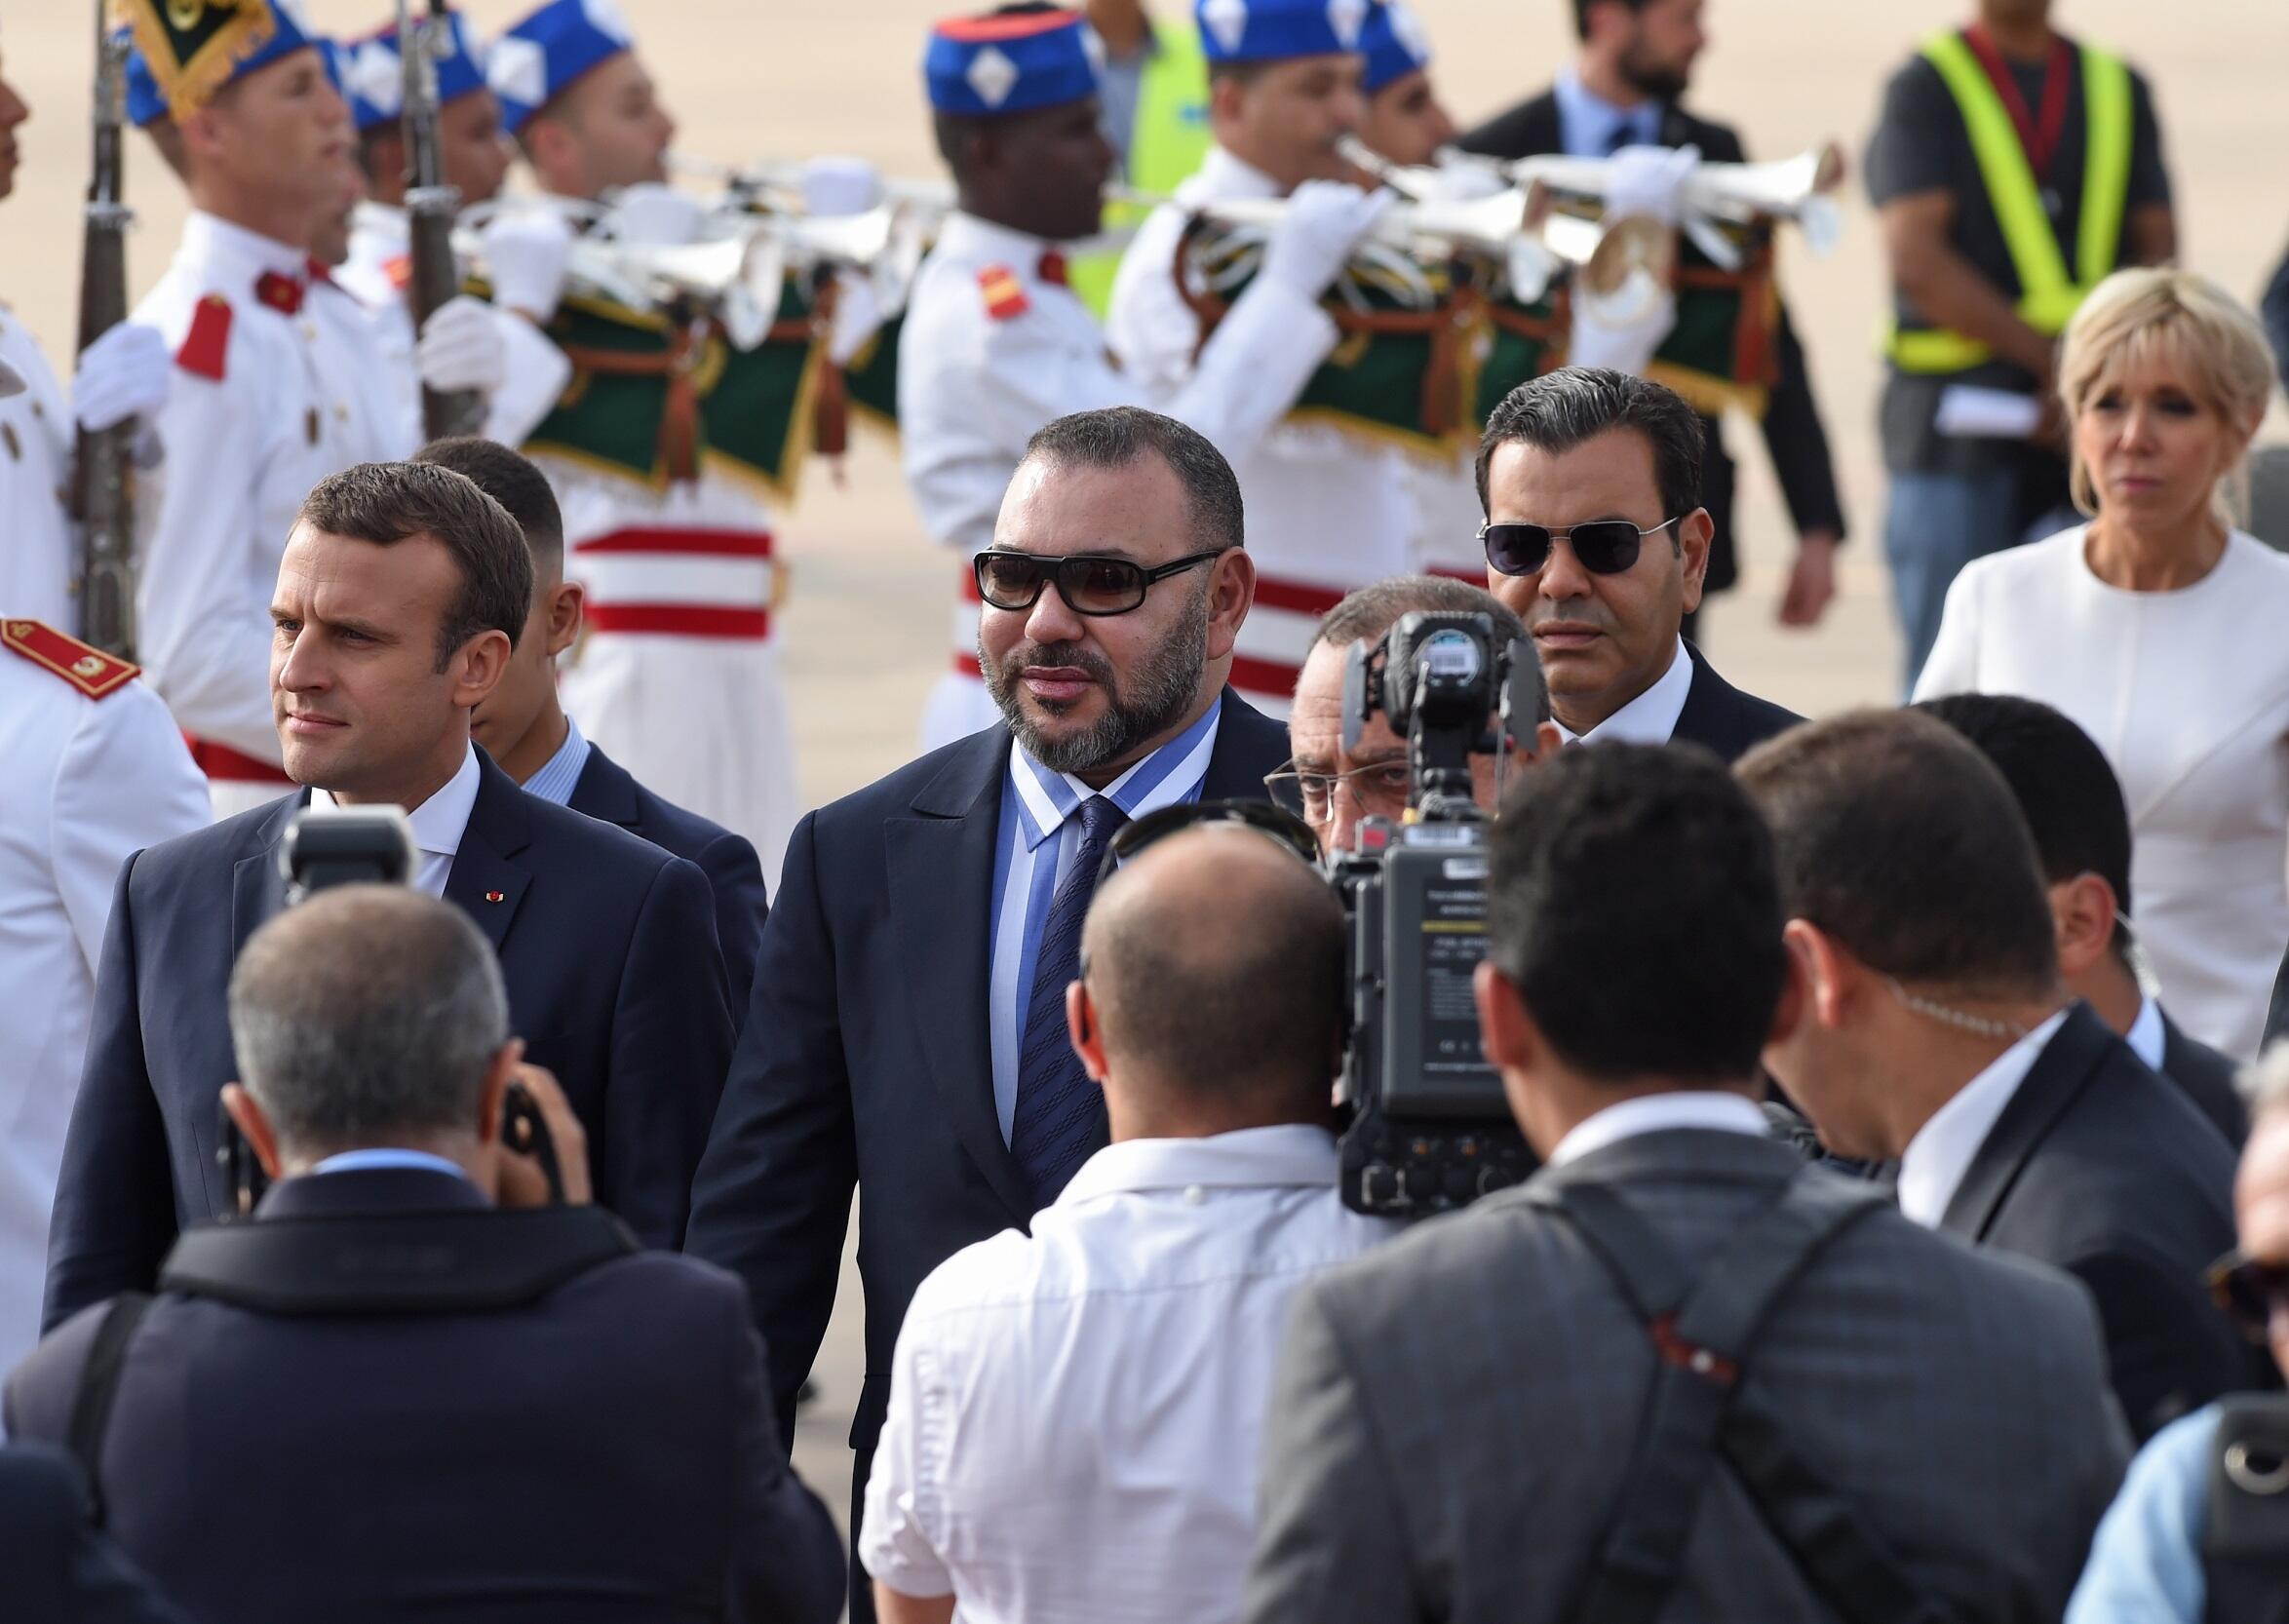 摩洛哥国王穆罕默德六世与到访的法国总统马克龙.